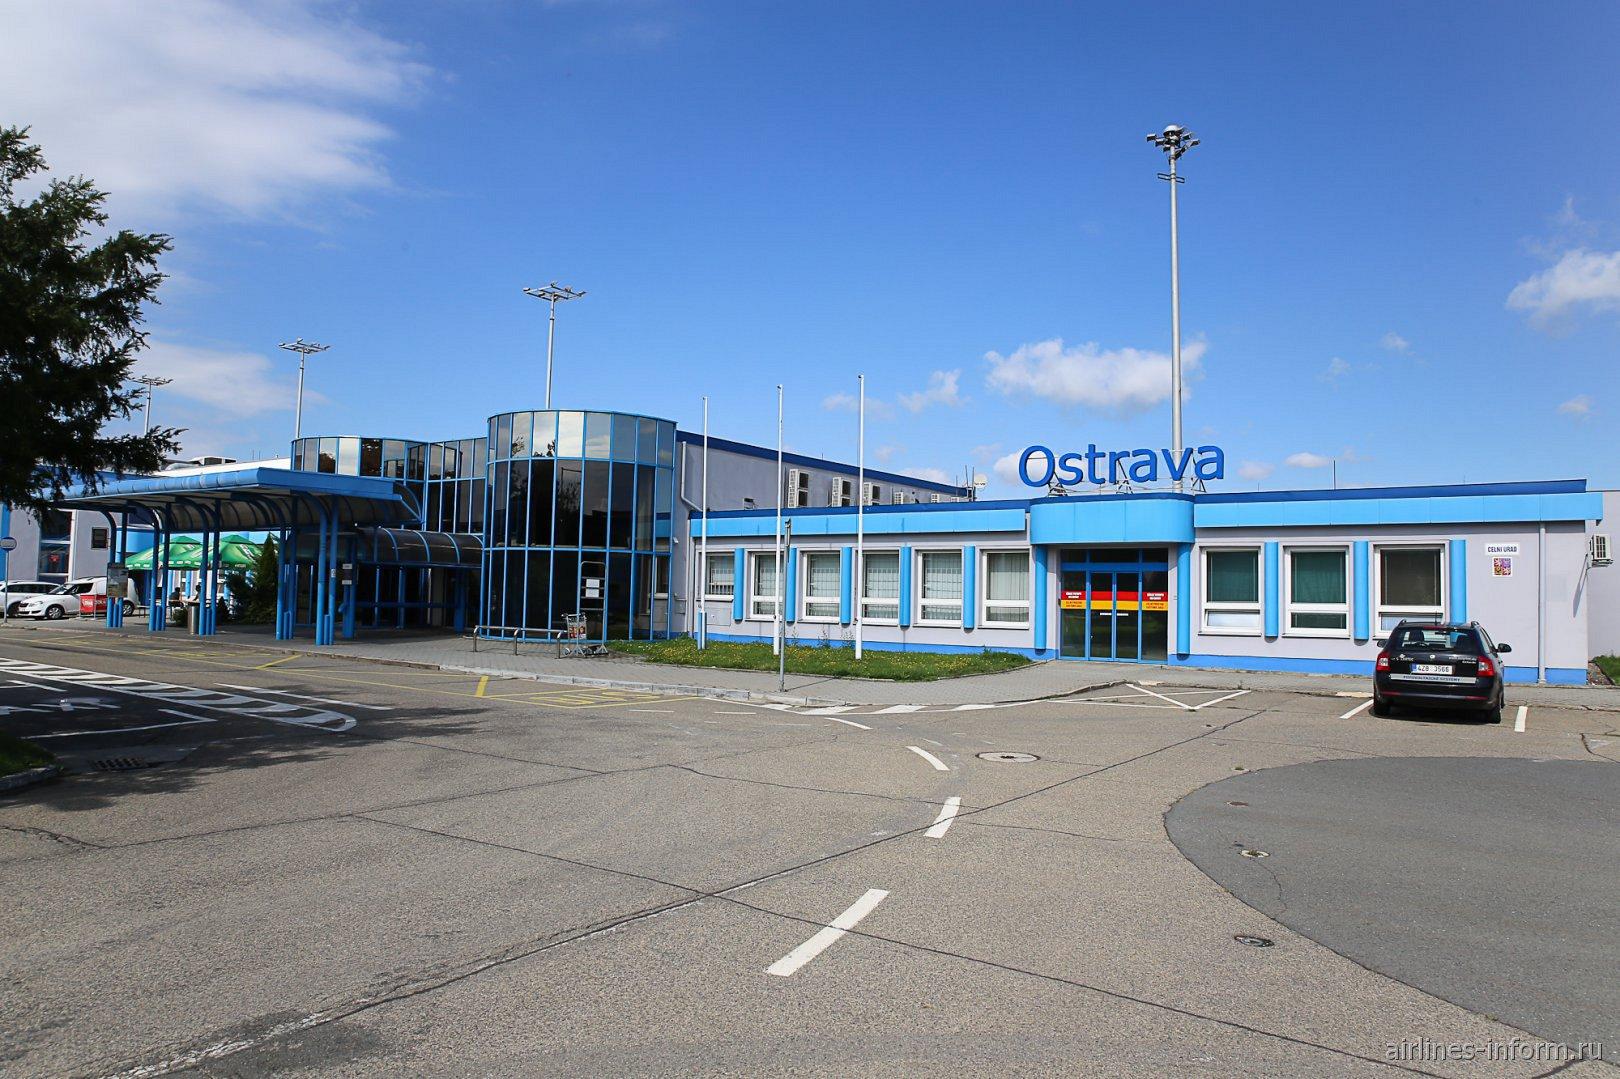 Старый аэровокзал аэропорта Острава